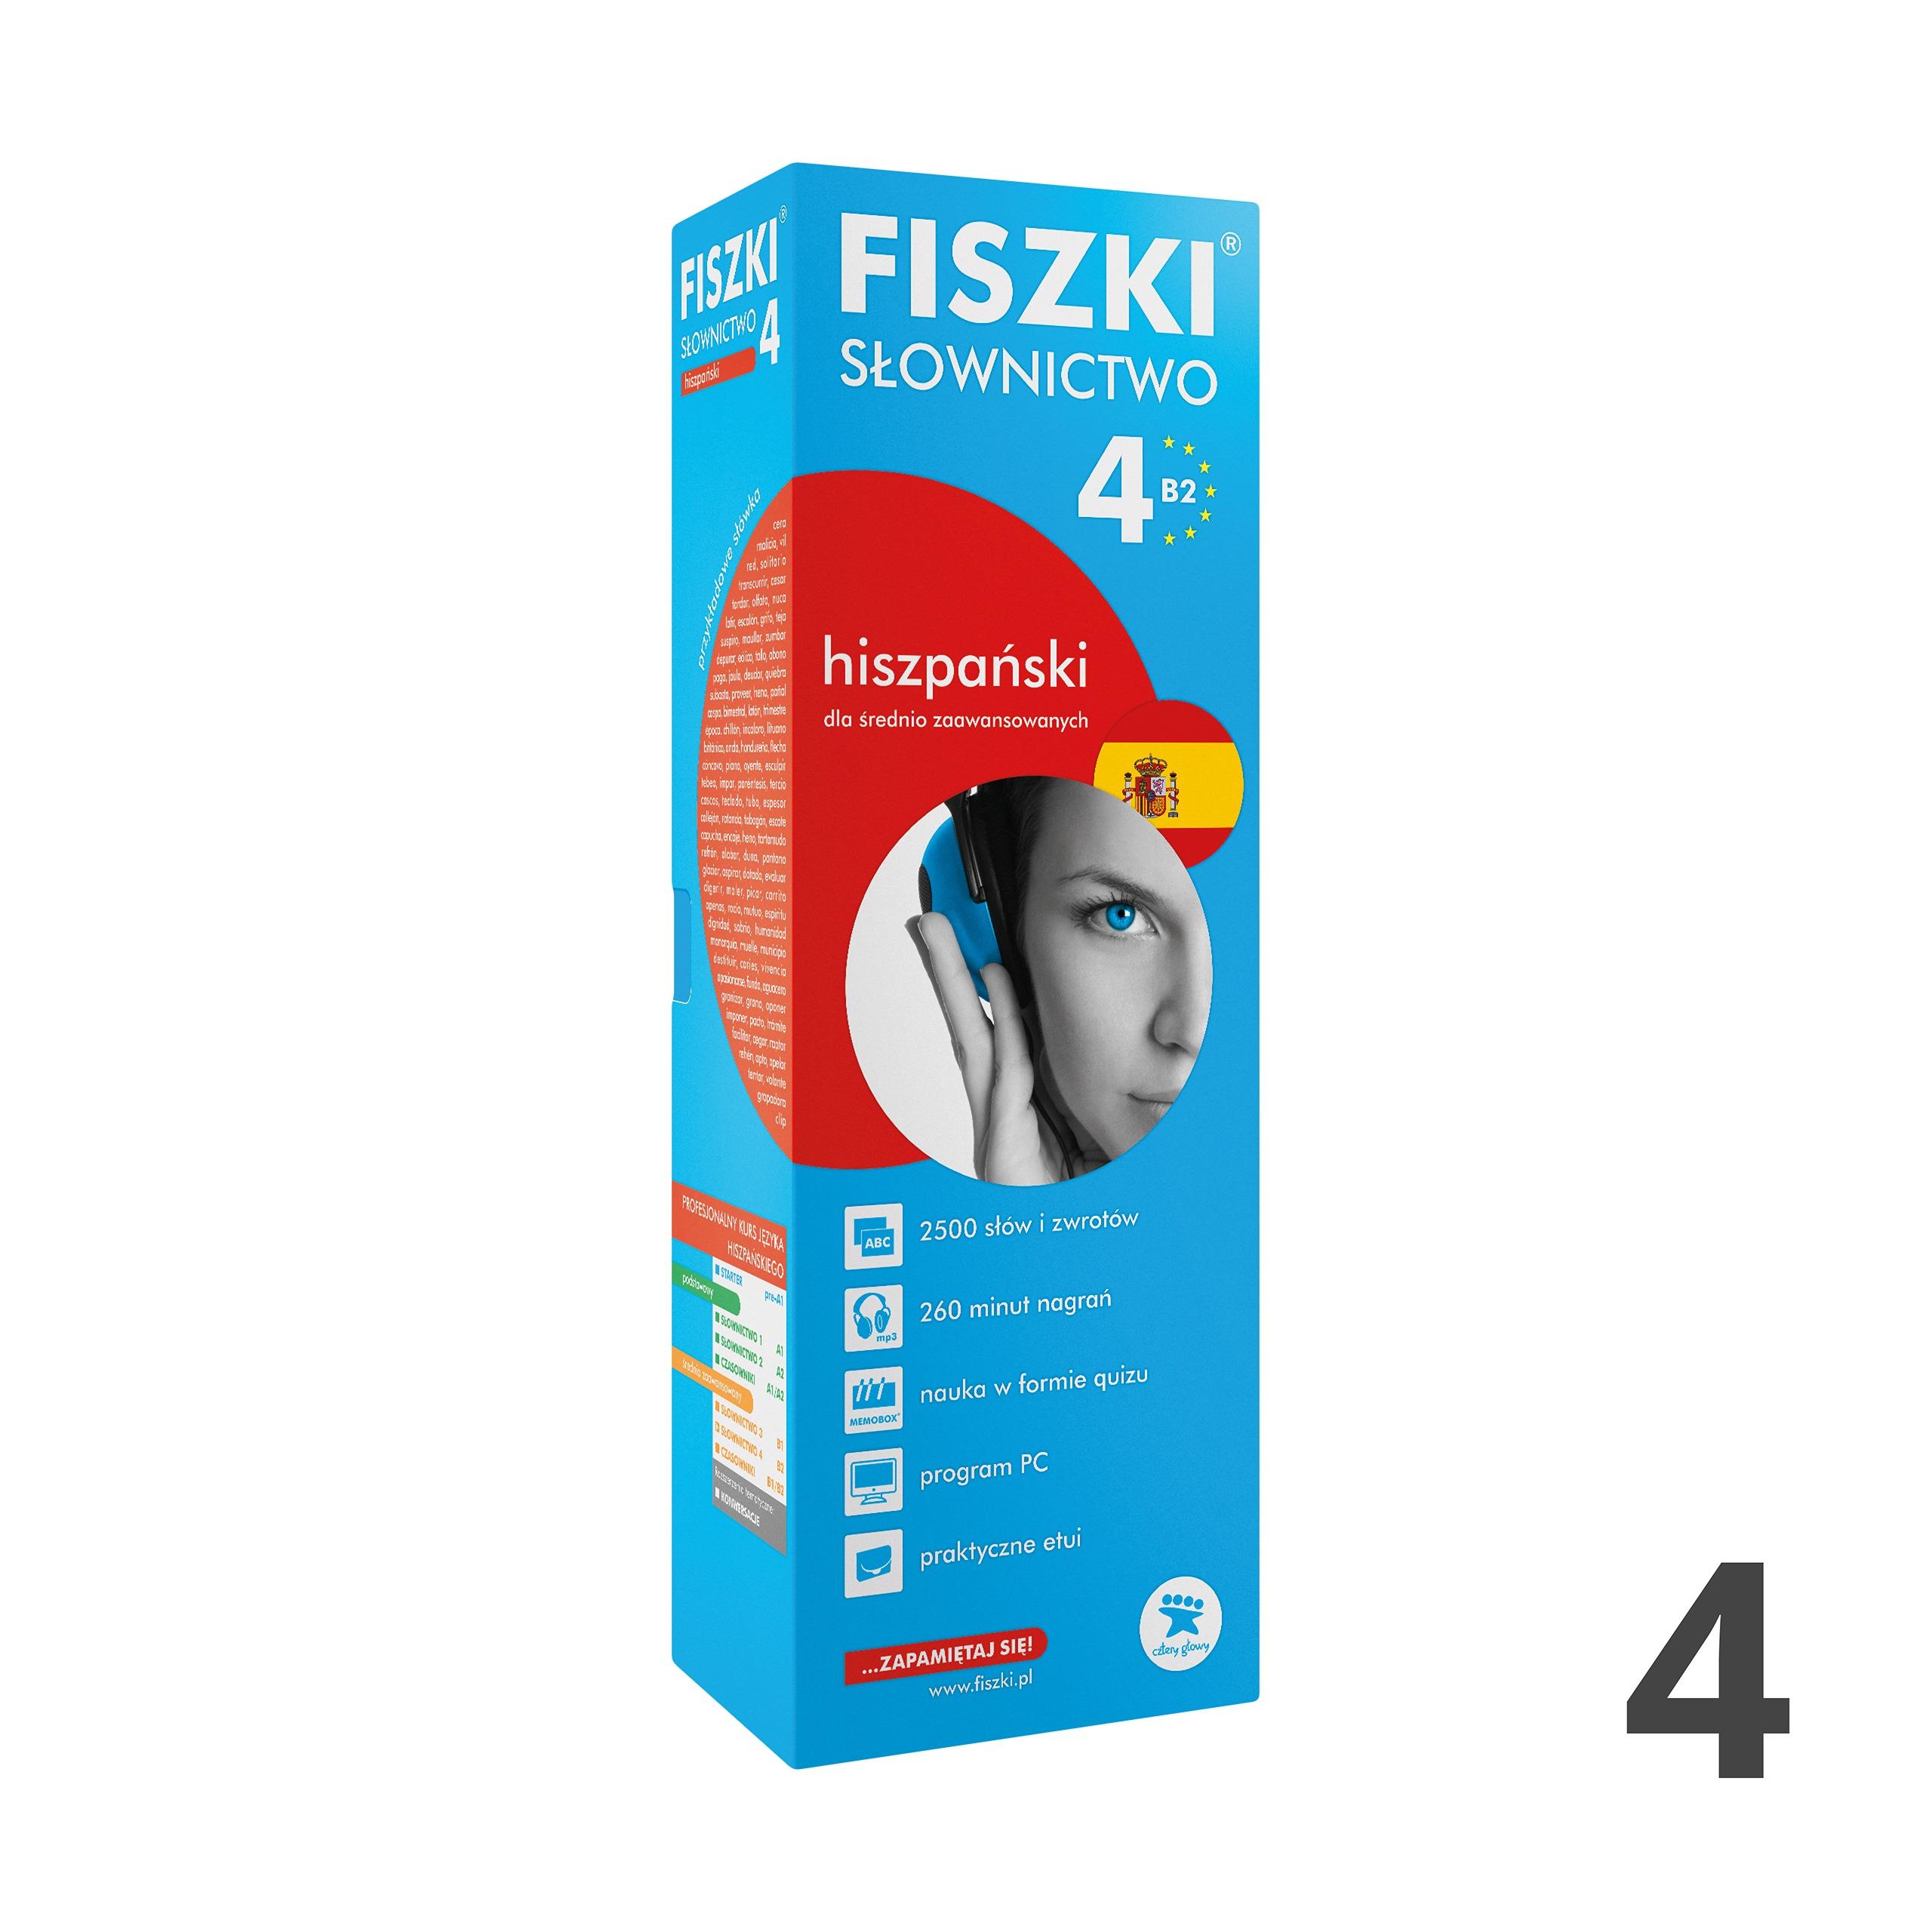 FISZKI - hiszpański - Słownictwo 4 (B2)